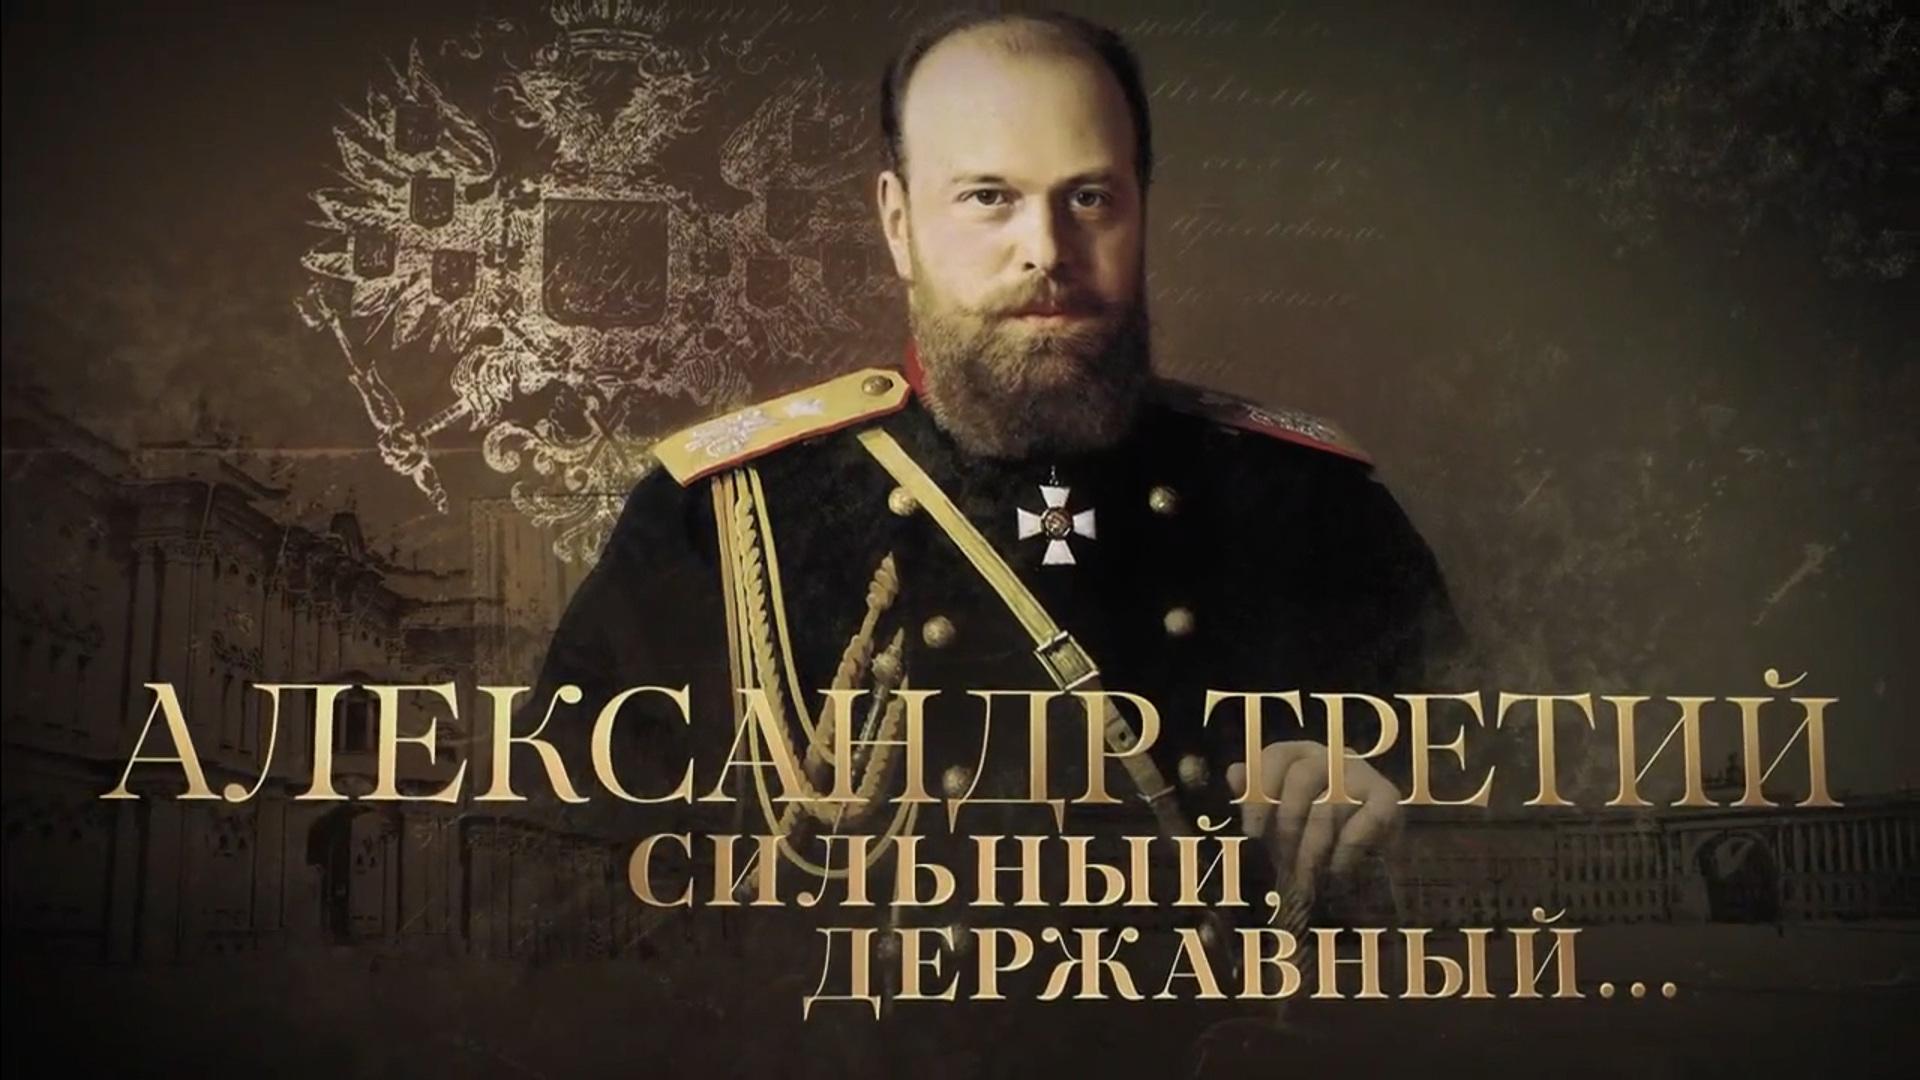 Александр Третий. Сильный, державный...